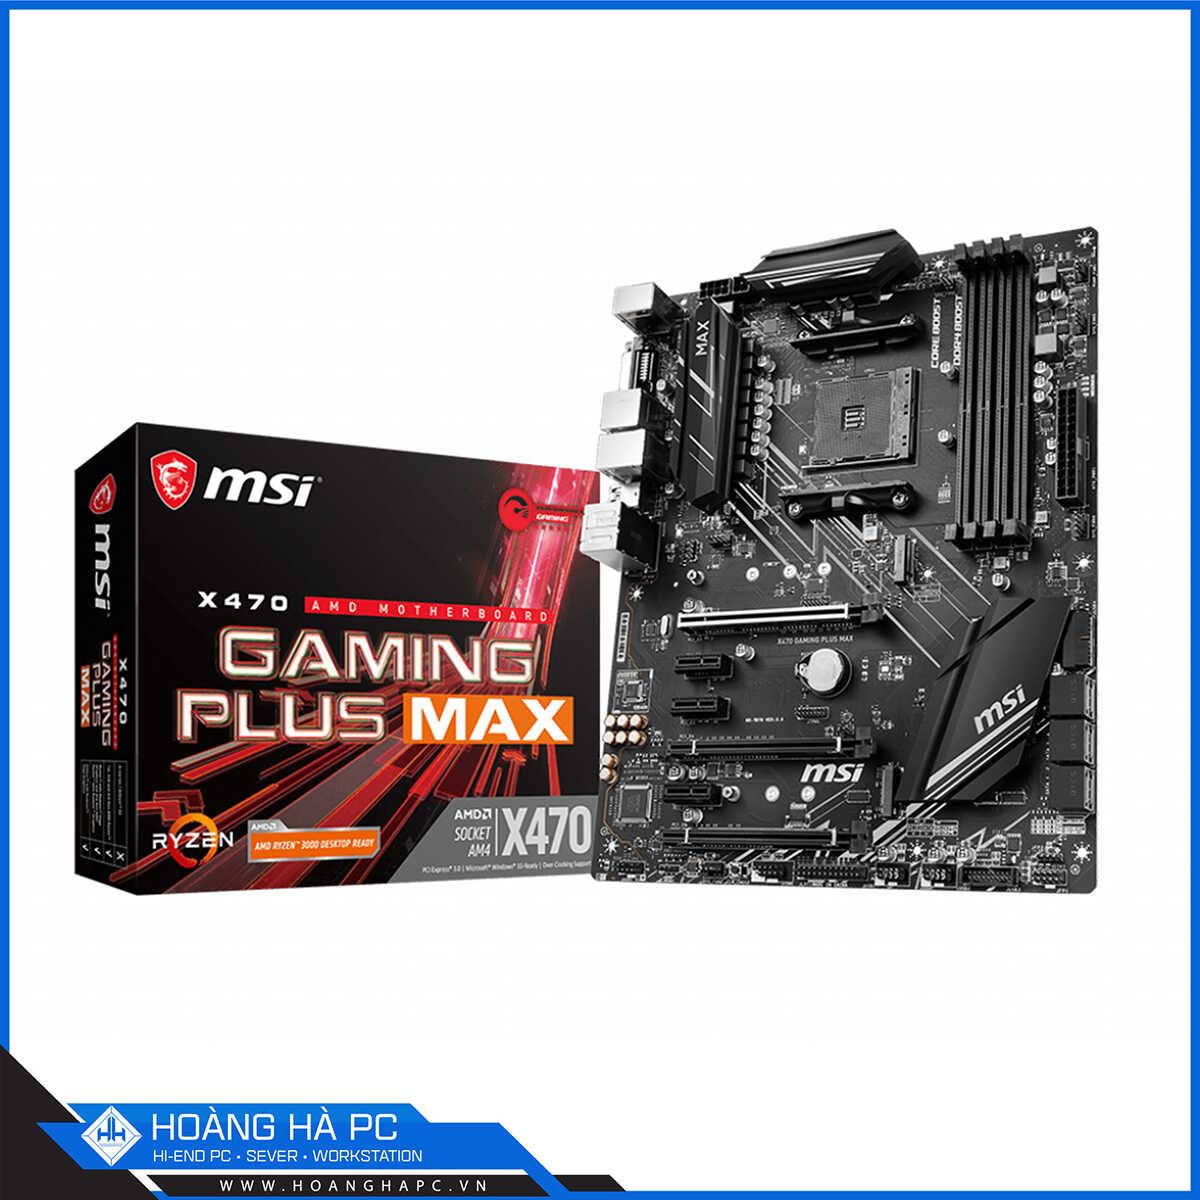 Mainboard AMD X470 - Sản phẩm với nhiều tính năng vượt trội